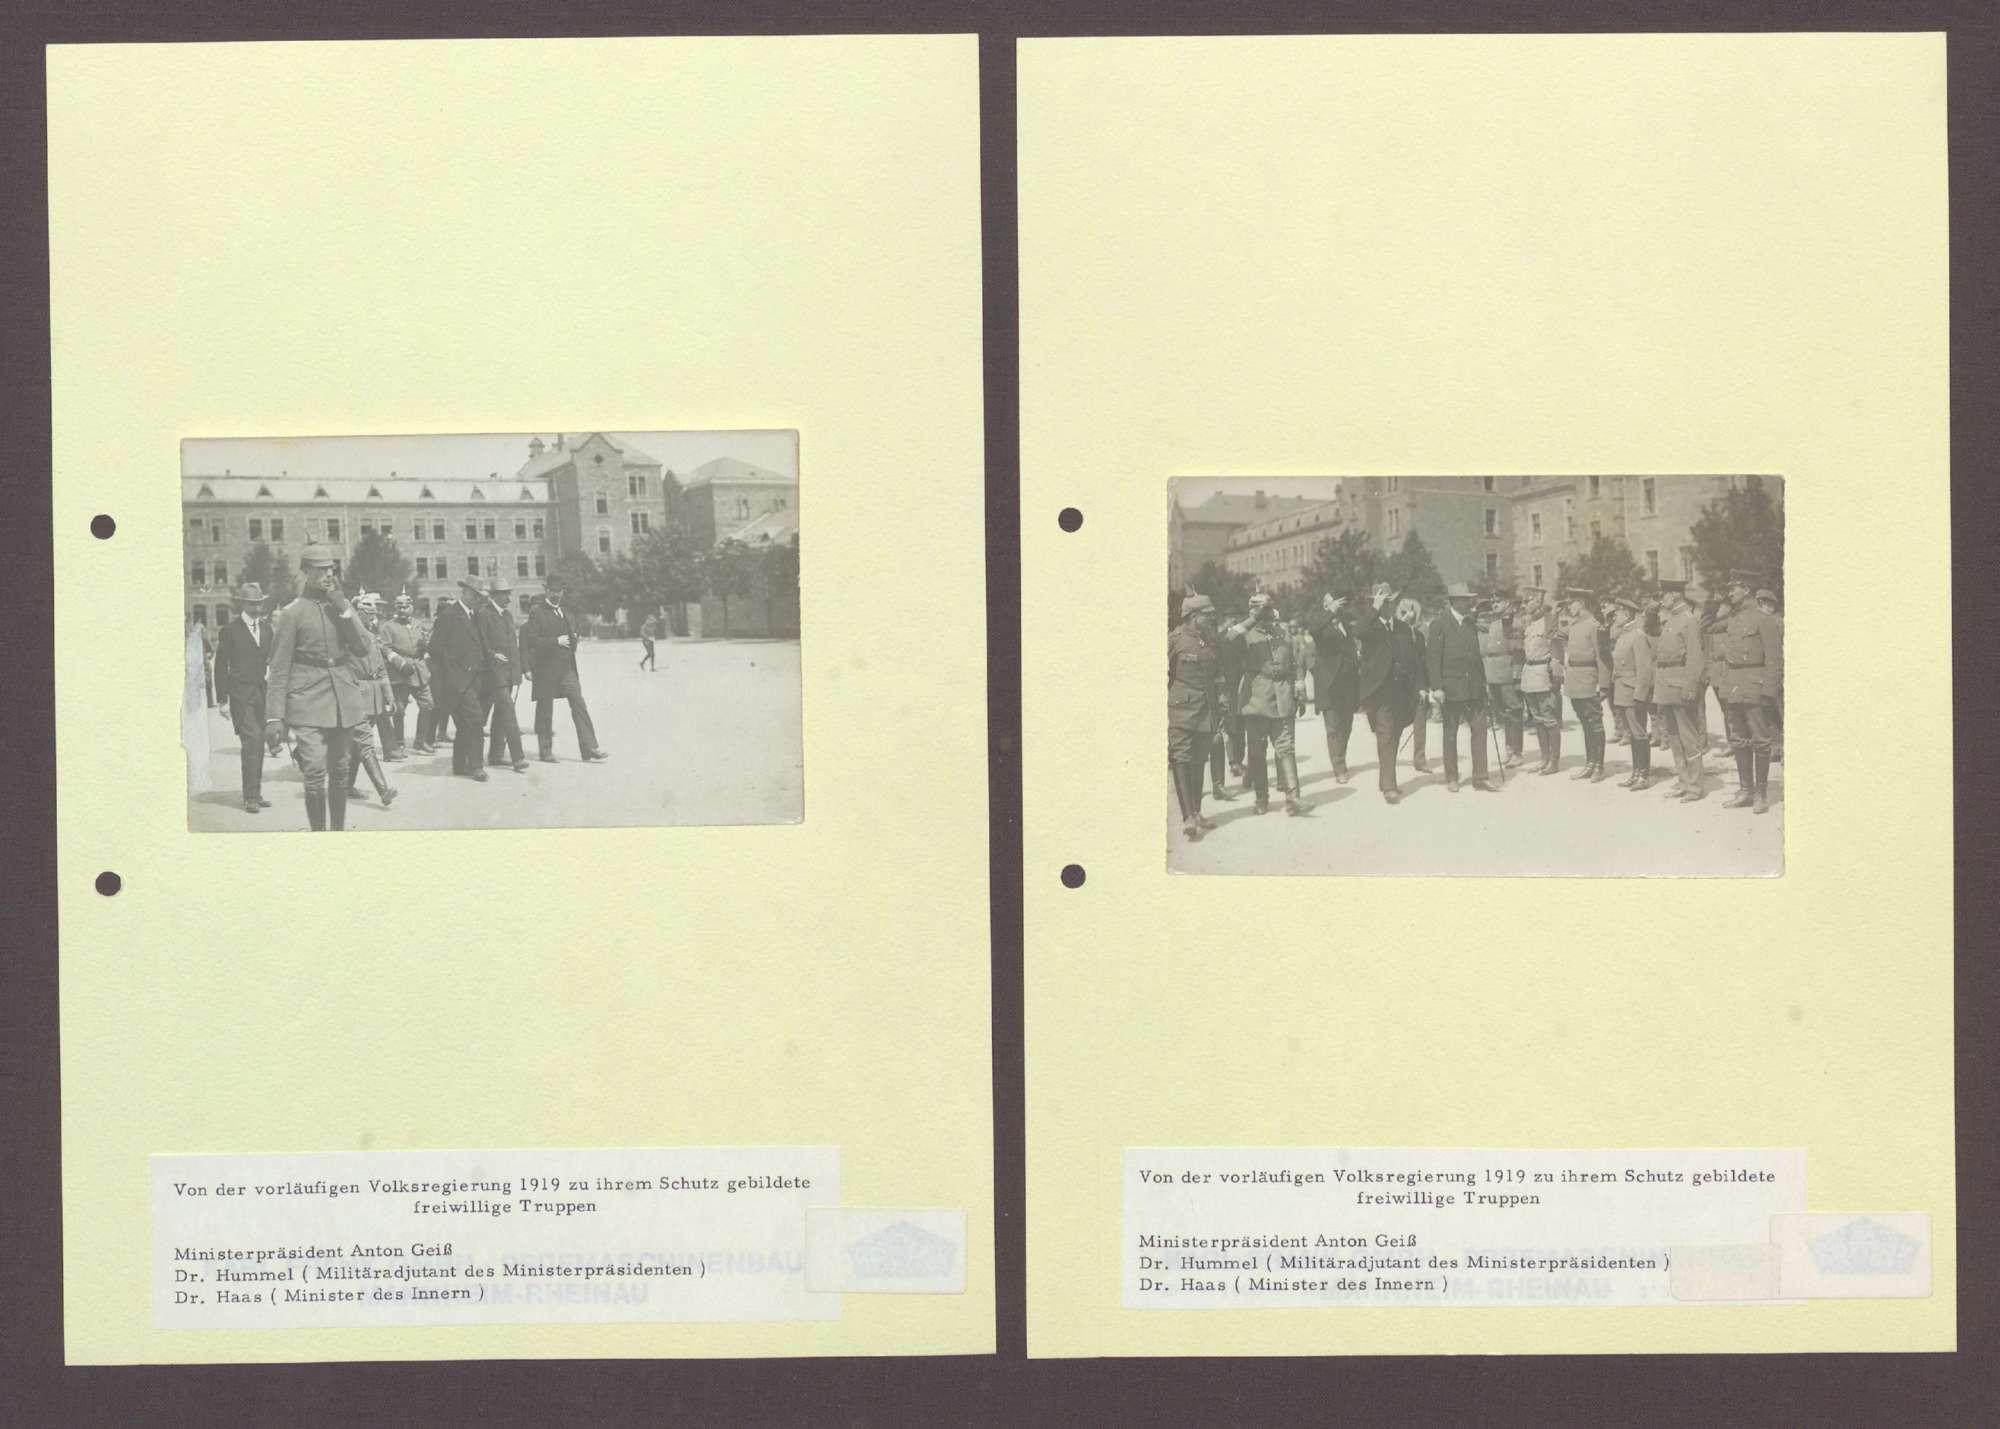 Freiwilligentruppe zum Schutz der vorläufigen Volksregierung, Bild 2